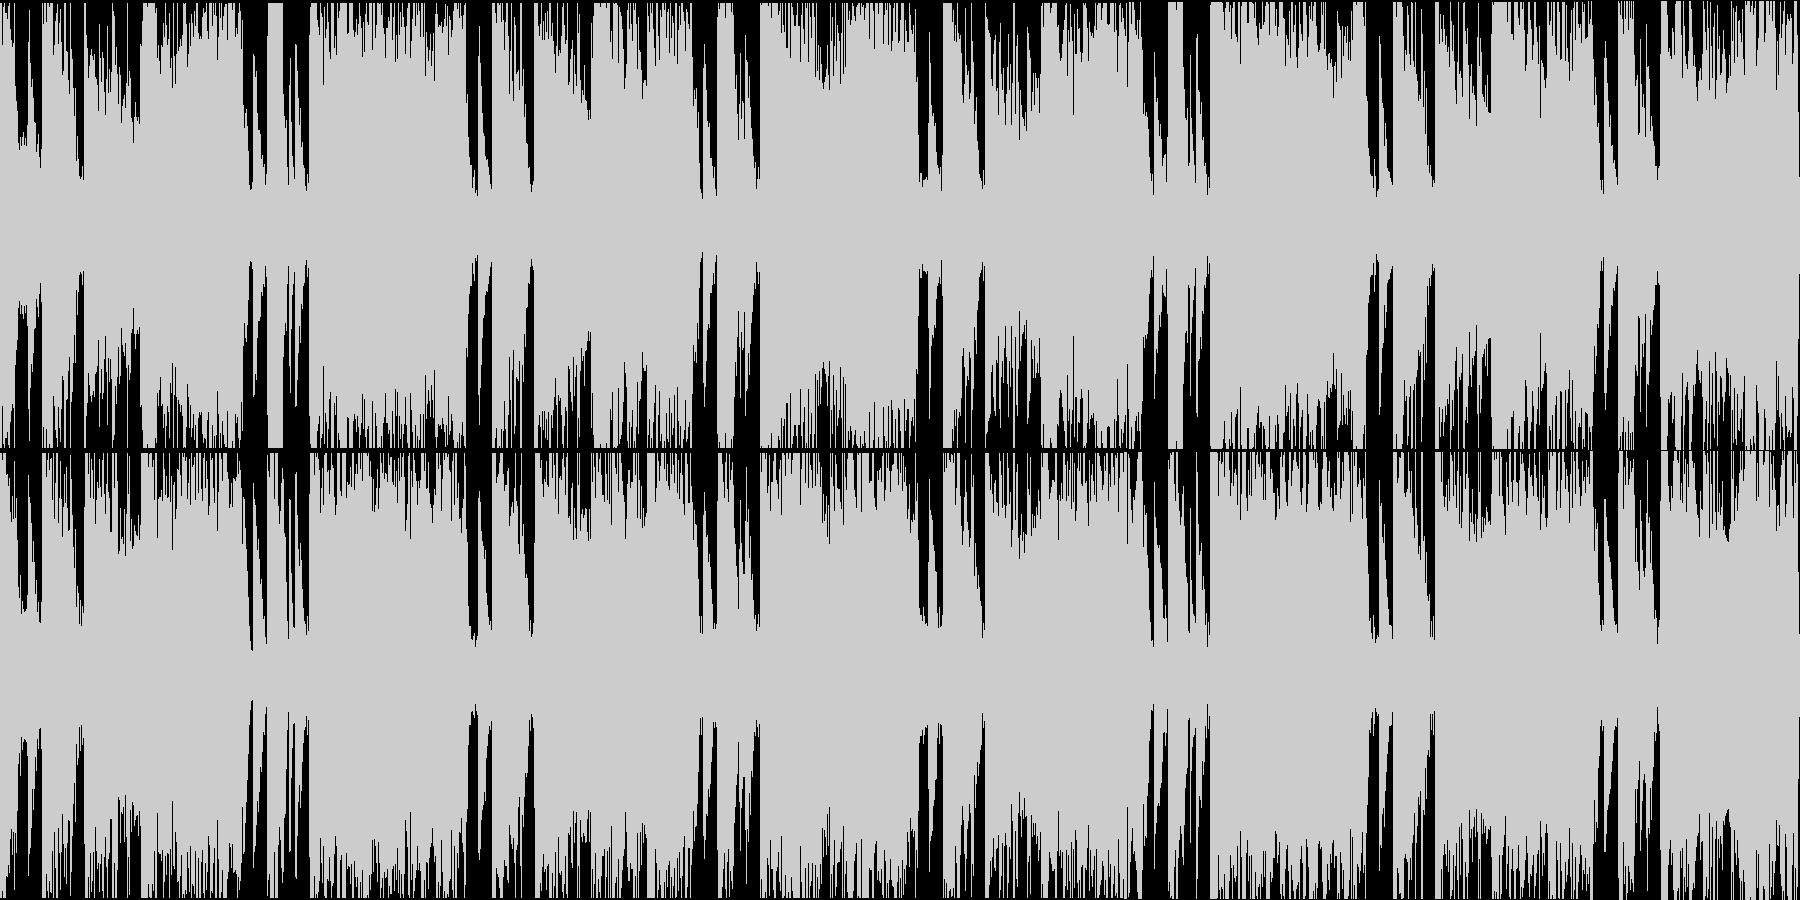 ビッグバンドジャズドラムンベースショートの未再生の波形